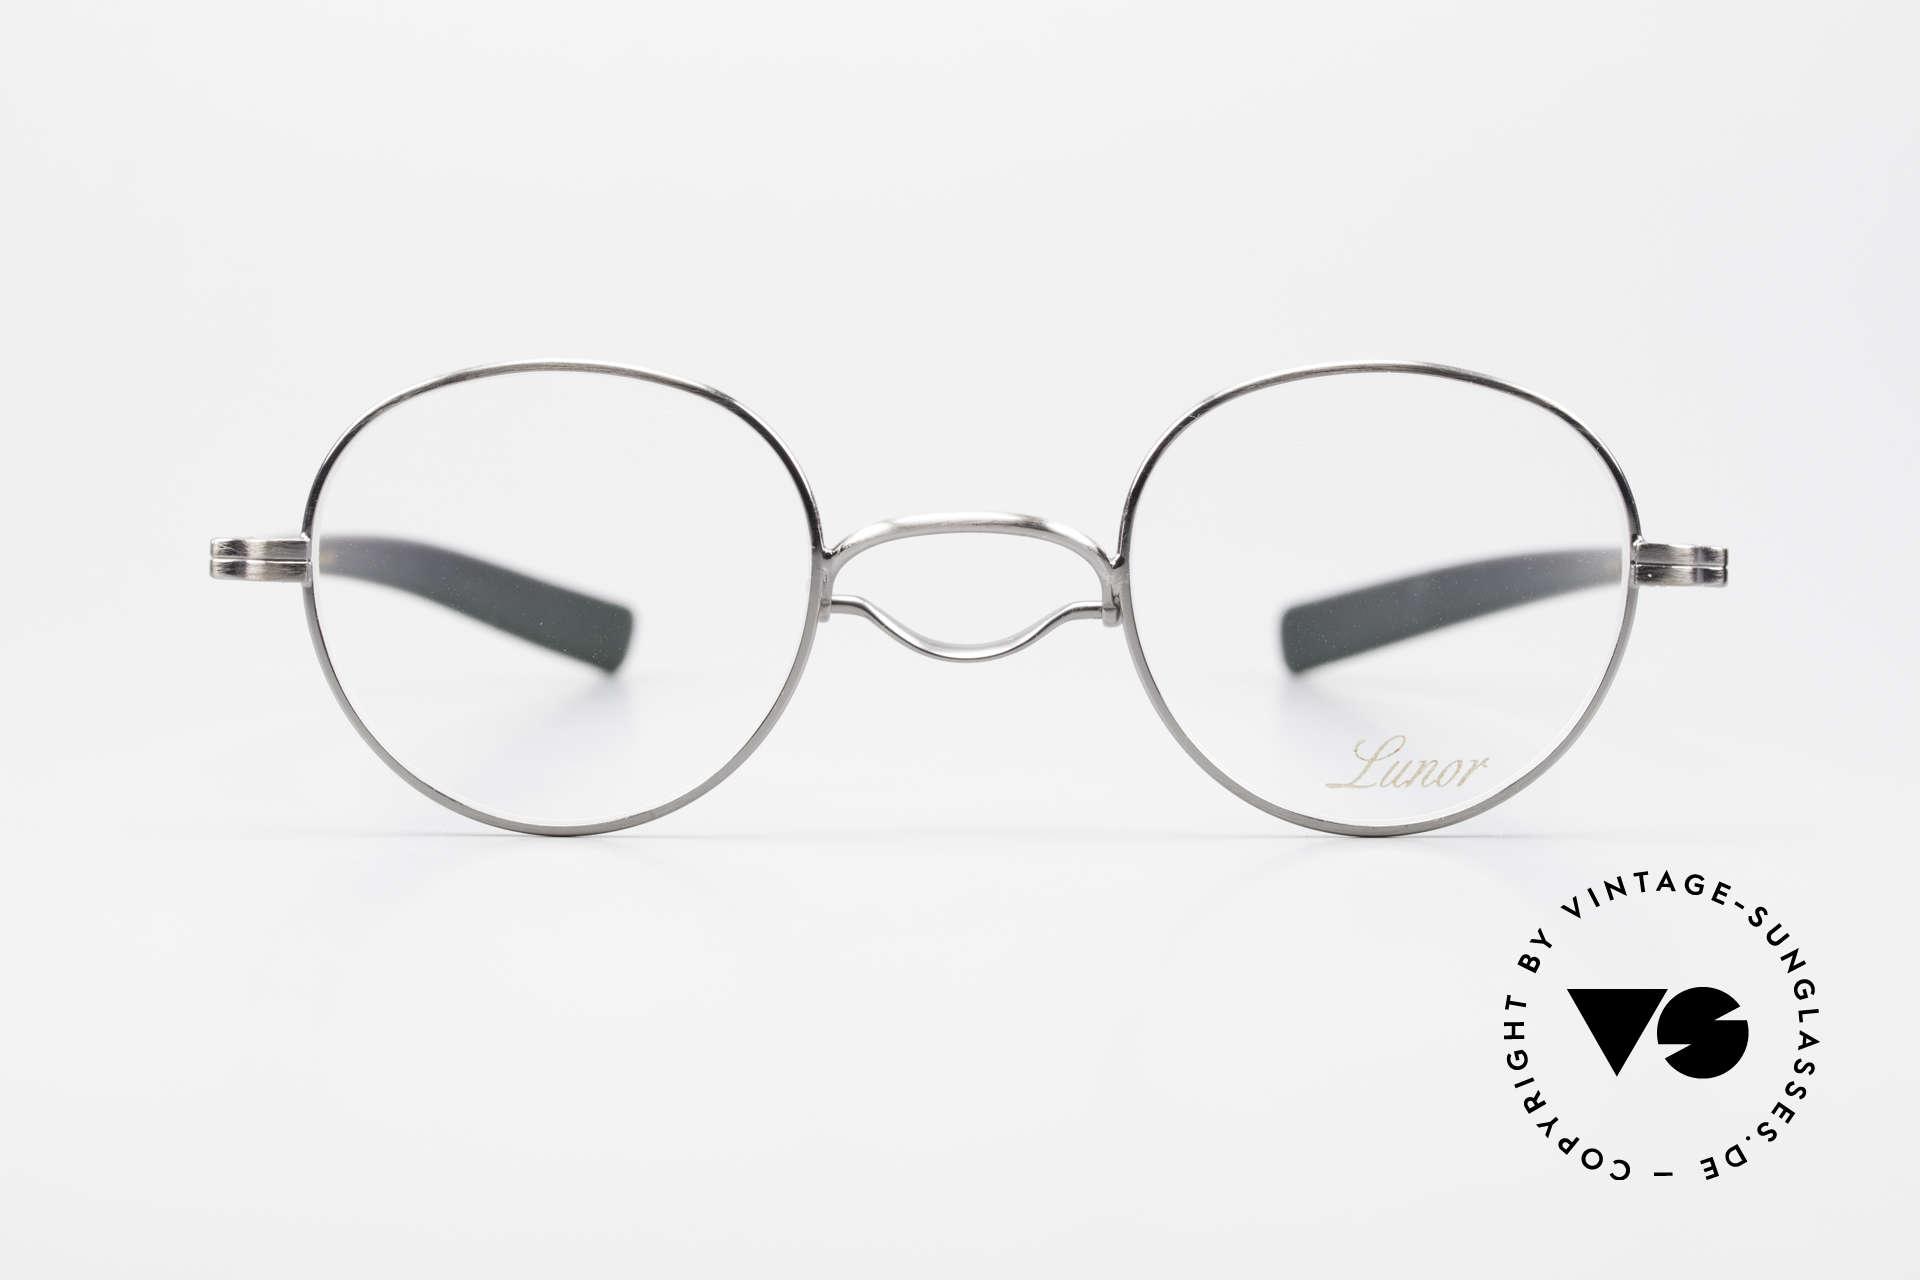 Lunor Swing A 32 Panto Rare Vintage Lunor Brille AS, Größe 41-25, AS = ANTIK SILBER, mit Swing-Steg, Passend für Herren und Damen